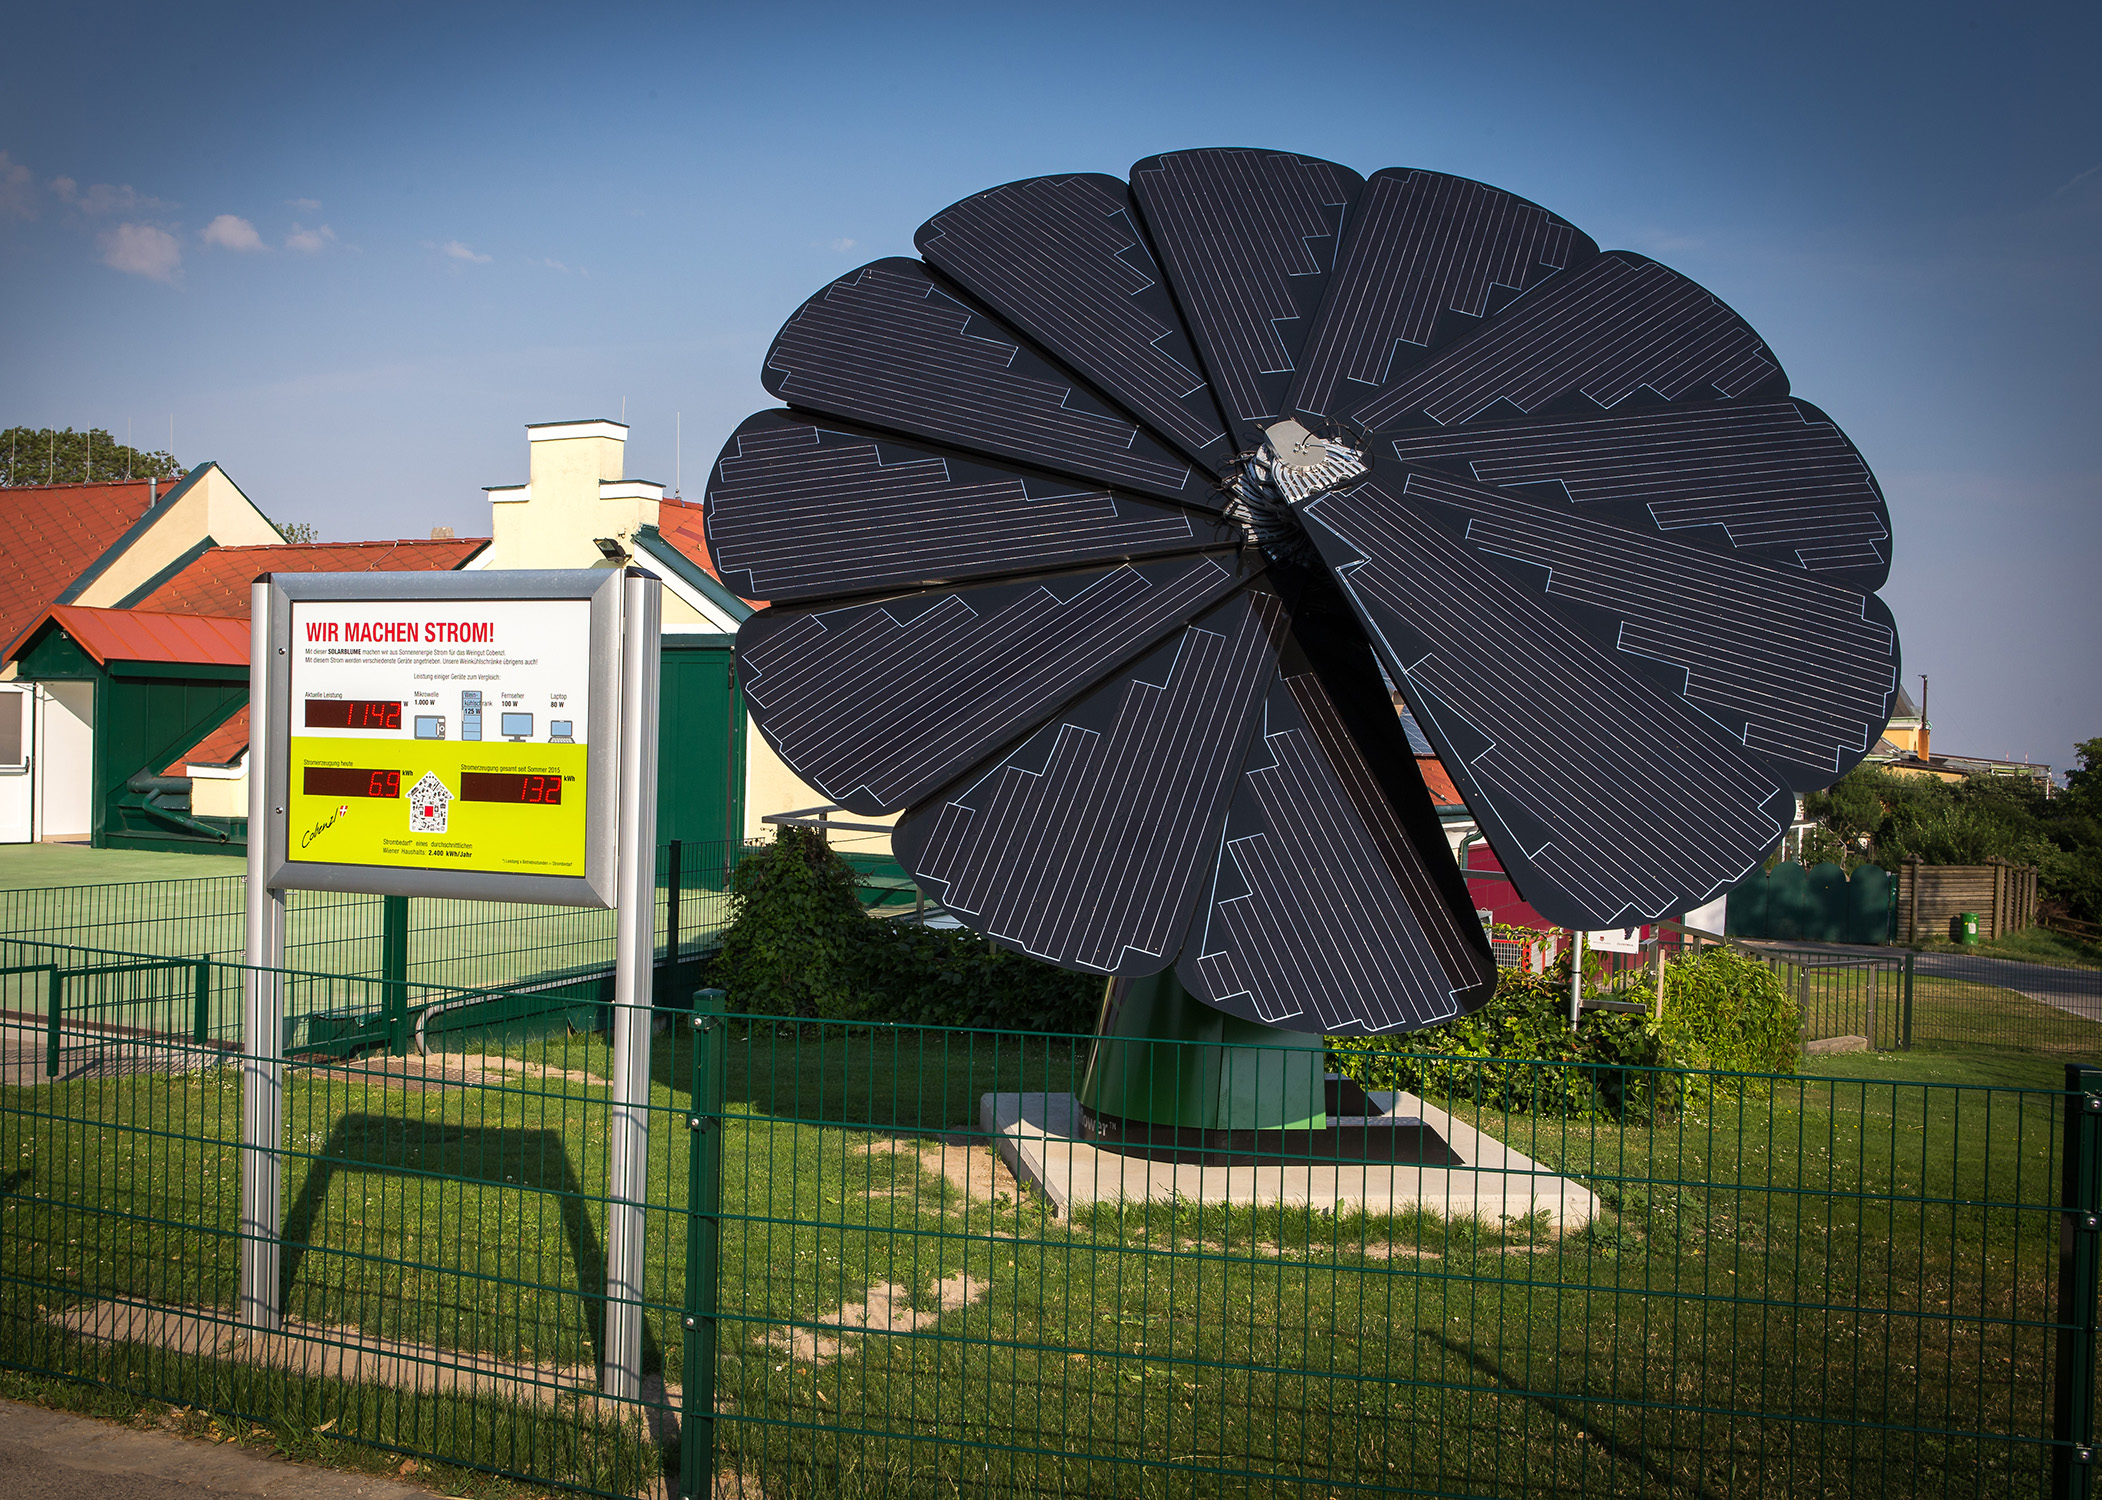 Weingut Cobenzl setzt auf nachhaltige Sonnenenergie